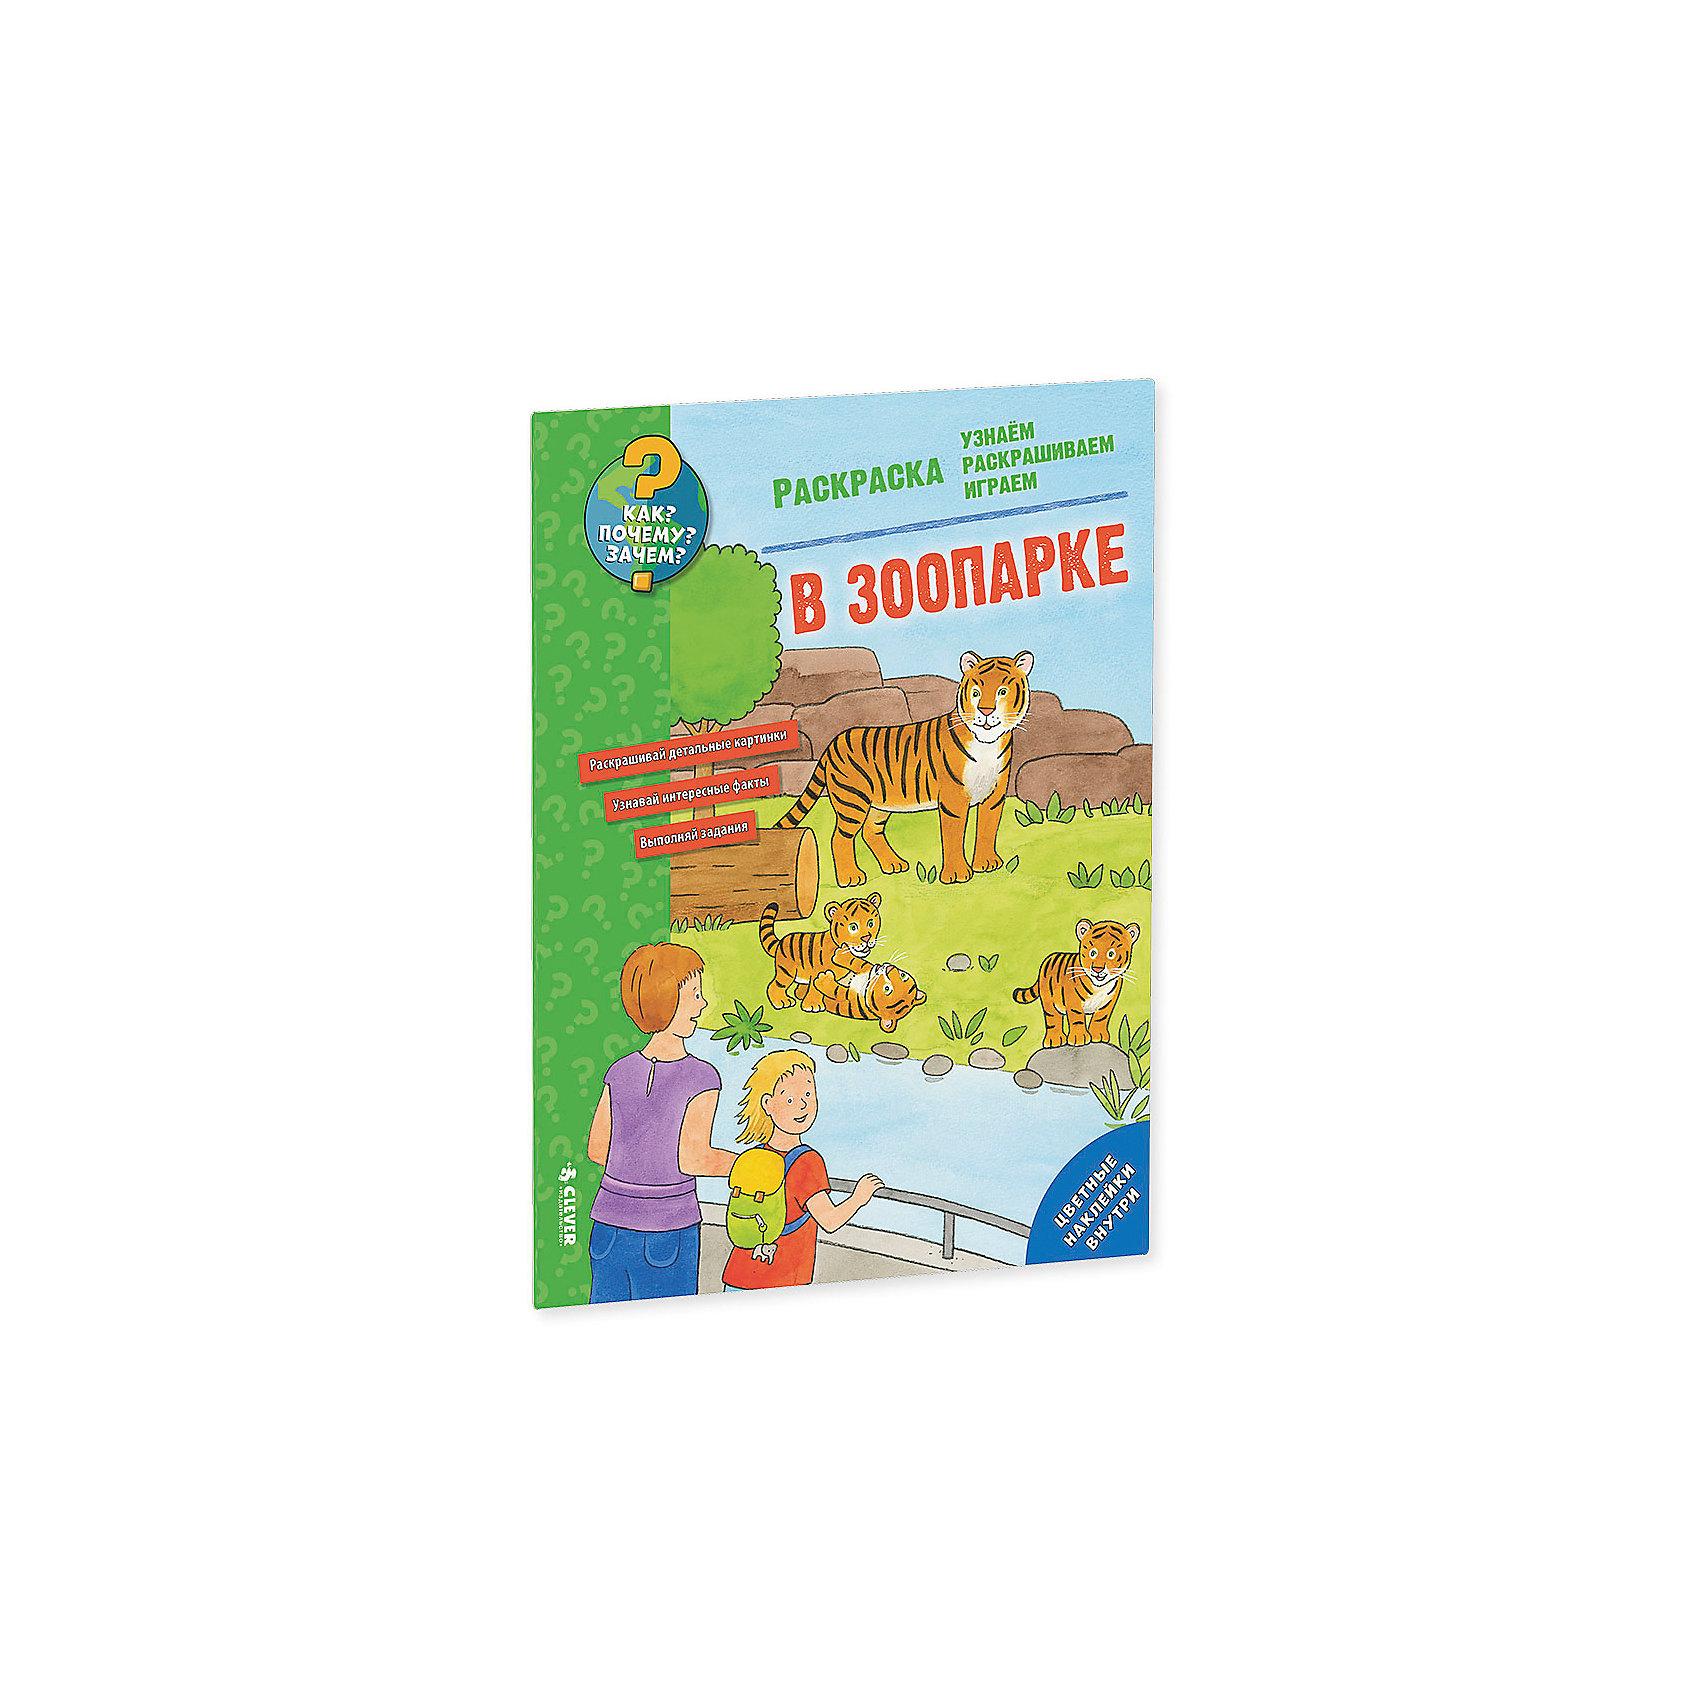 Раскраска В зоопарке, Как? Почему? Зачем?Раскраски для детей<br>Раскраска В зоопарке, Как? Почему? Зачем?<br><br>Характеристики:<br><br>• ISBN: 978-5-906899-44-6<br>• Кол-во страниц: 24<br>• Возраст: от 4 лет<br>• Формат: а4<br>• Размер книги: 285x215x2 мм<br>• Бумага: офсет<br>• Вес: 145 г<br>• Обложка: мягкая<br><br>Эта книга-раскраска откроет для ребенка мир внутри зоопарка. Читая и раскрашивая увлекательные иллюстрации, ребенок сможет узнать какие есть животные в зоопарке и что они едят. Книга содержит детальные рисунки, цветные наклейки и интересные задания.<br> <br>Раскраска В зоопарке, Как? Почему? Зачем? можно купить в нашем интернет-магазине.<br><br>Ширина мм: 285<br>Глубина мм: 215<br>Высота мм: 5<br>Вес г: 145<br>Возраст от месяцев: 48<br>Возраст до месяцев: 72<br>Пол: Унисекс<br>Возраст: Детский<br>SKU: 5377768